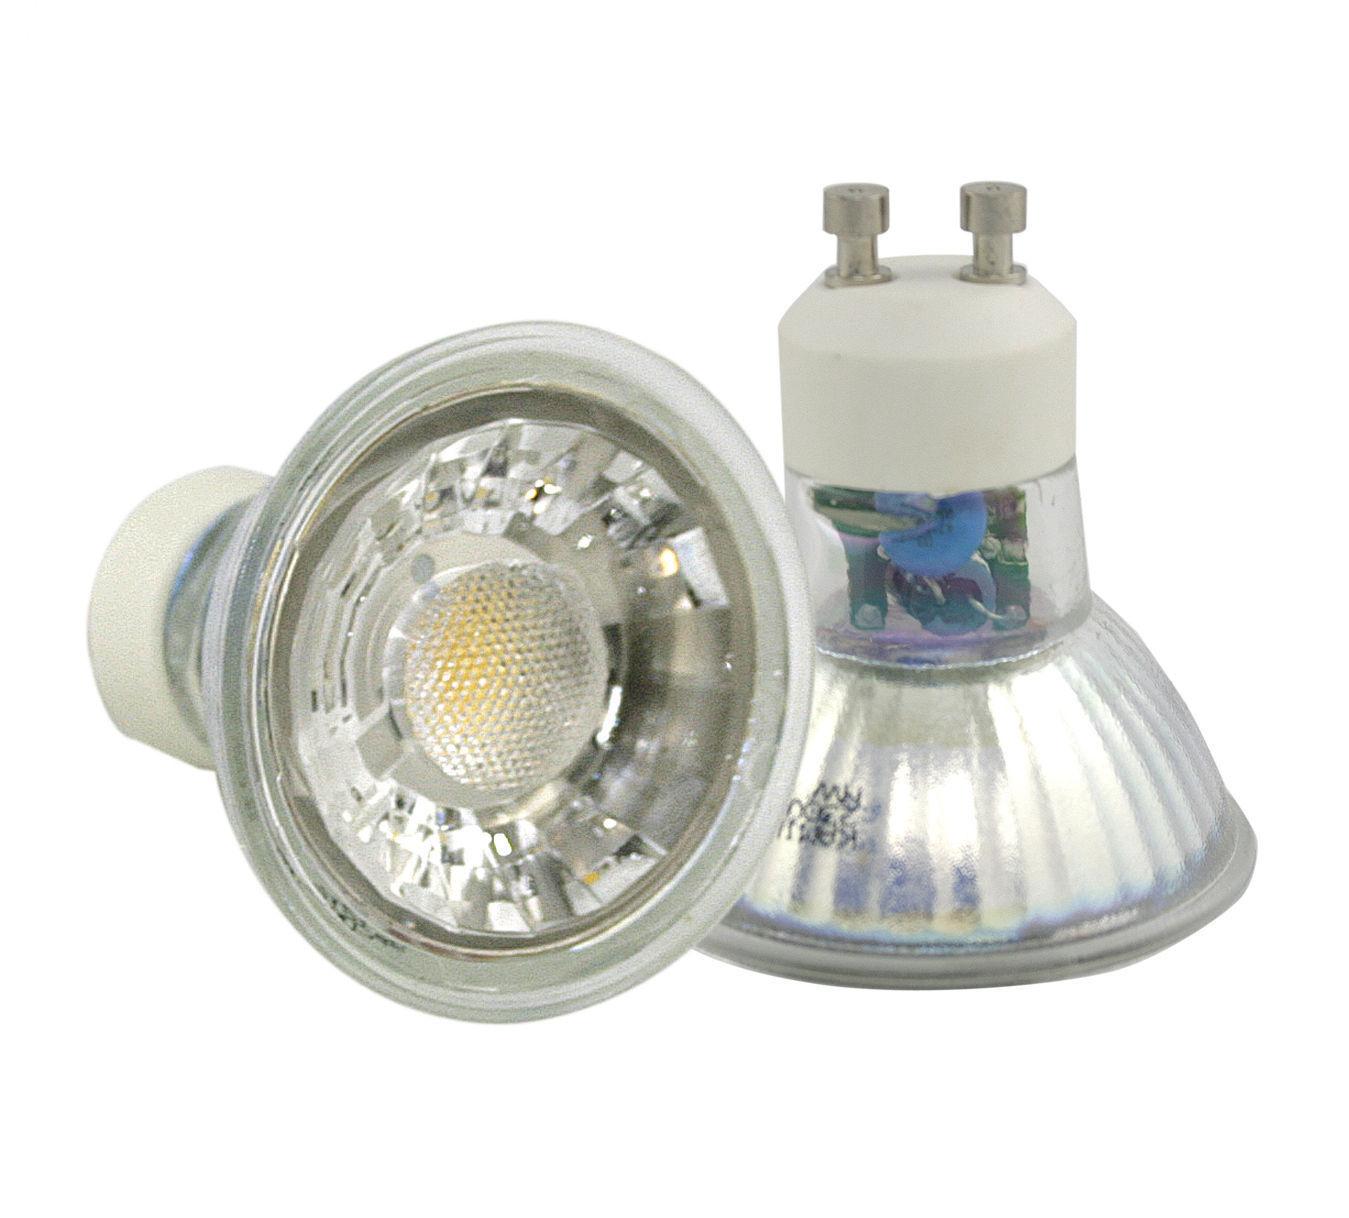 12 V   230 V Hochvolt   Niedervolt GU10   MR16   GU5.3 Power LED 5 Watt 5W ww kw